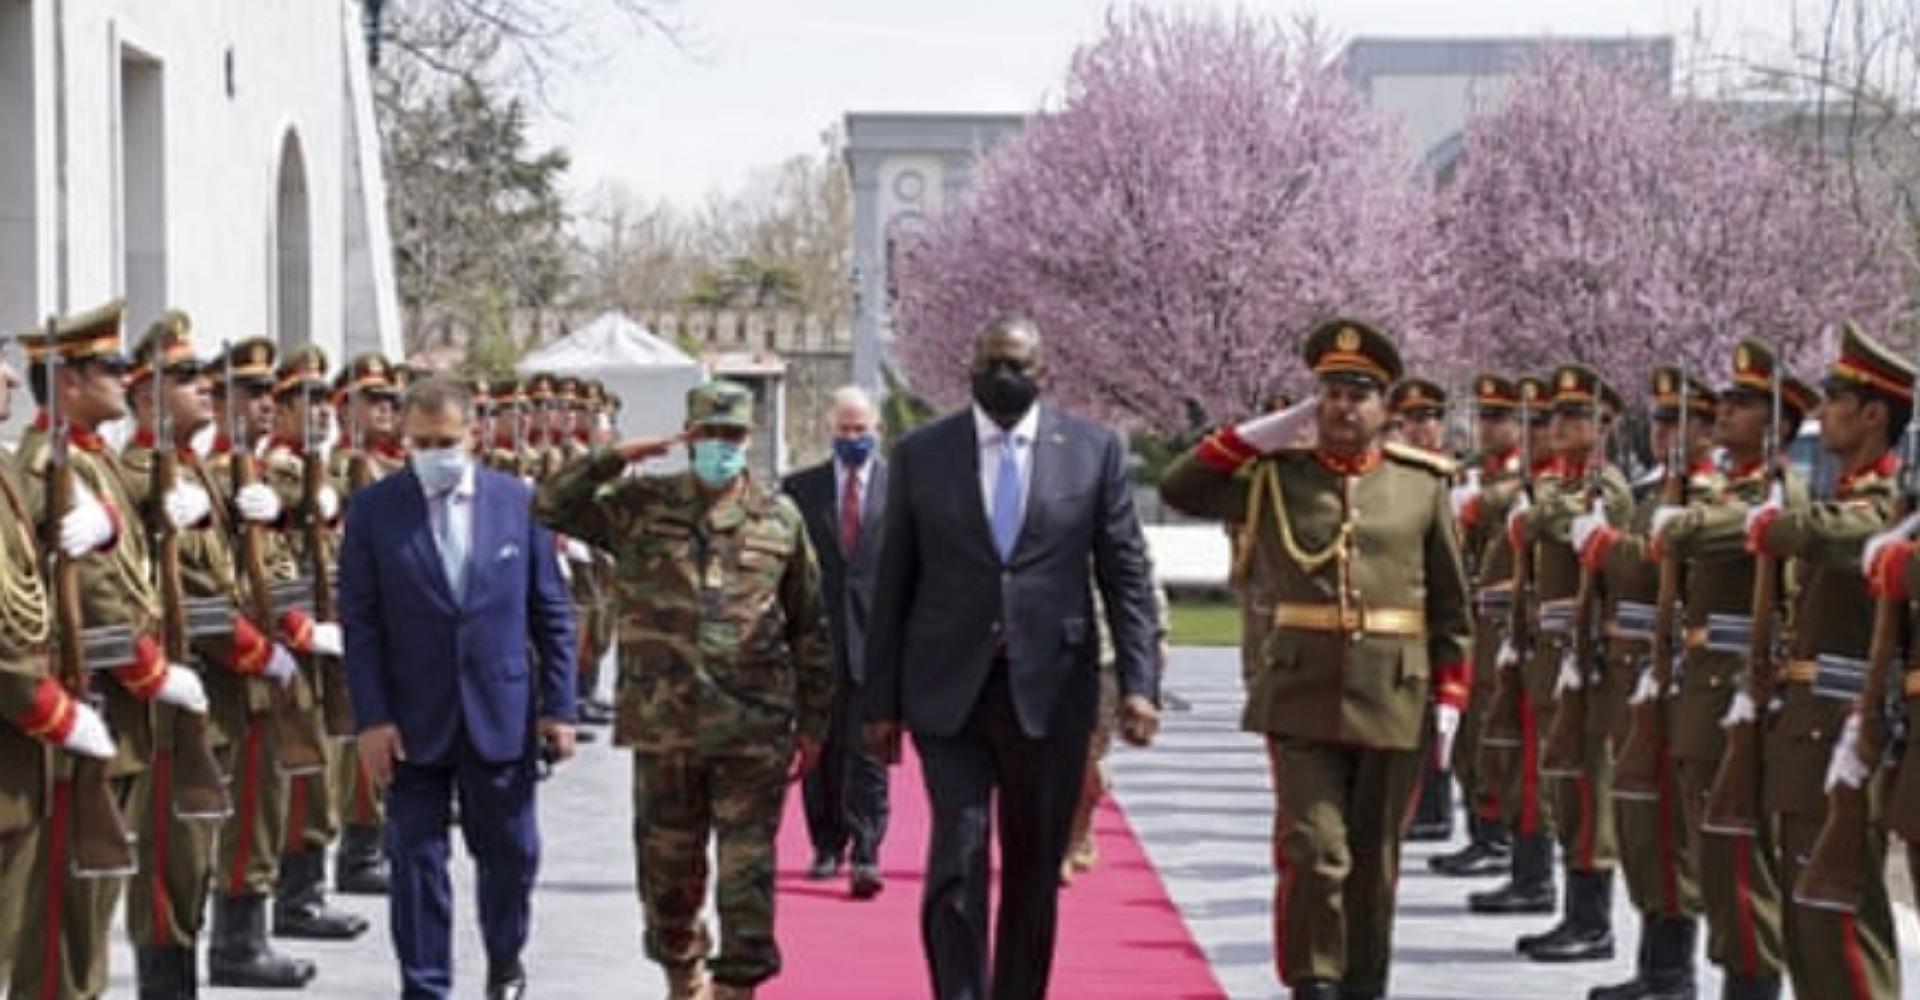 अफगानिस्तानका राष्ट्रपति र अमेरिकी रक्षामन्त्रीबीच भेटवार्ता, तालिबानको चिन्ता